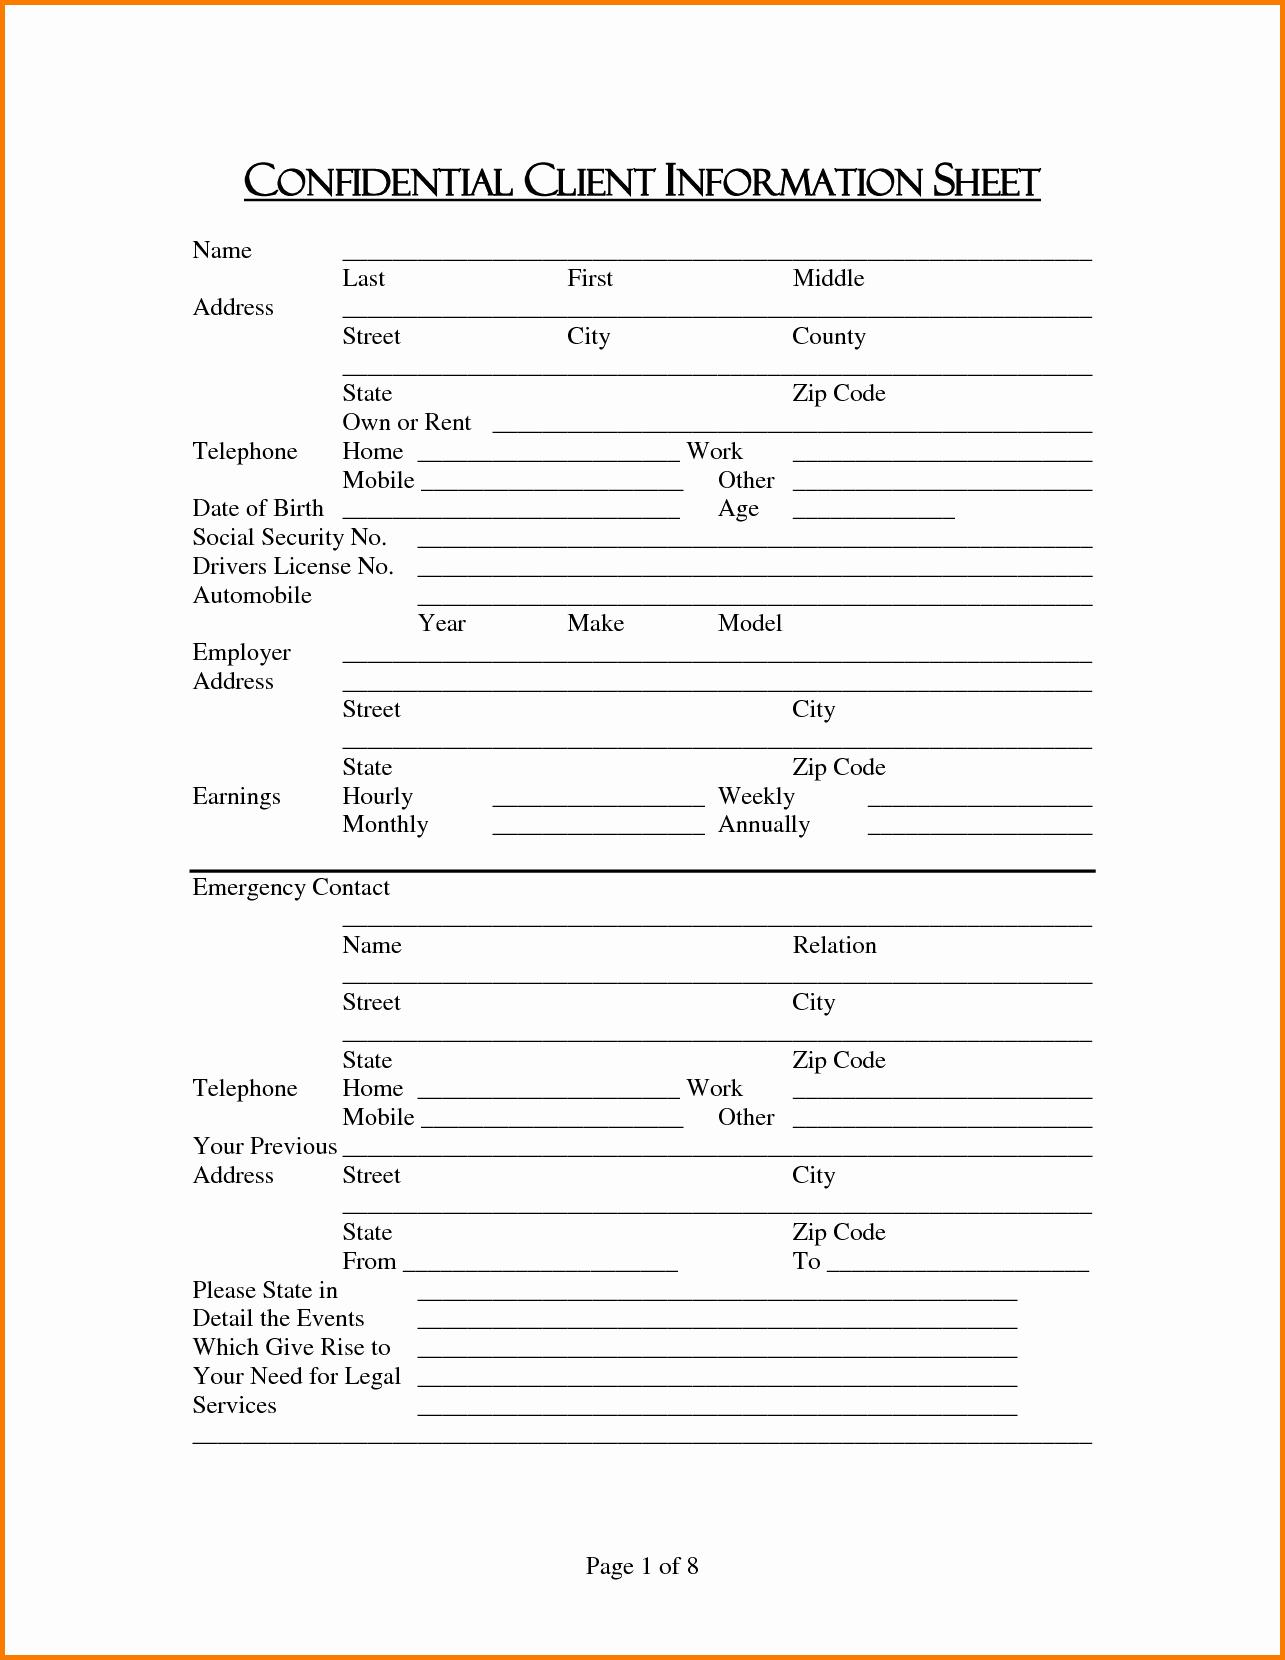 Customer Information Sheet Template Inspirational Client Information Sheet